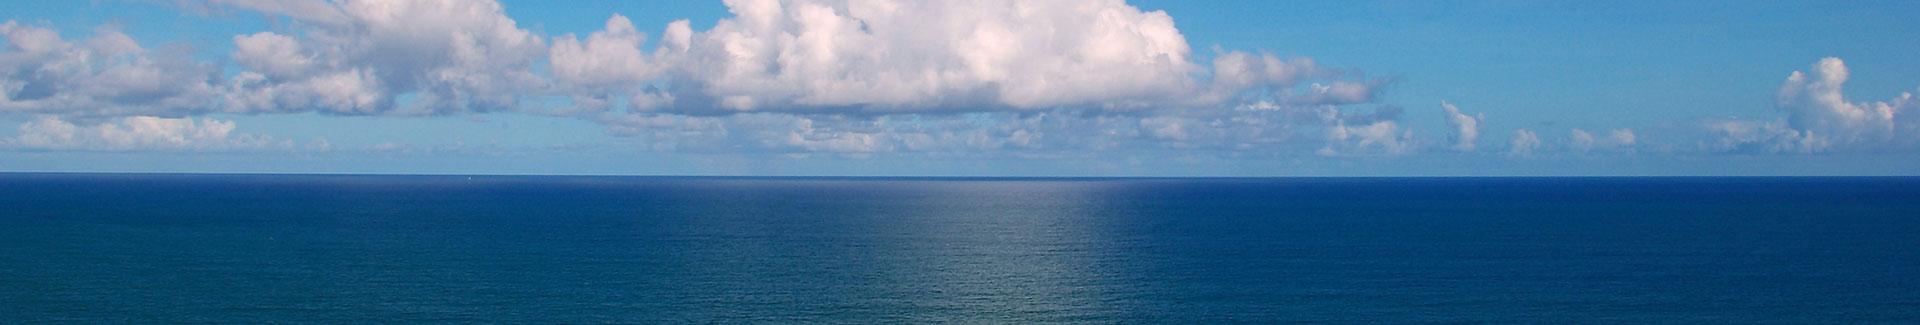 Inspirational Quote Ocean